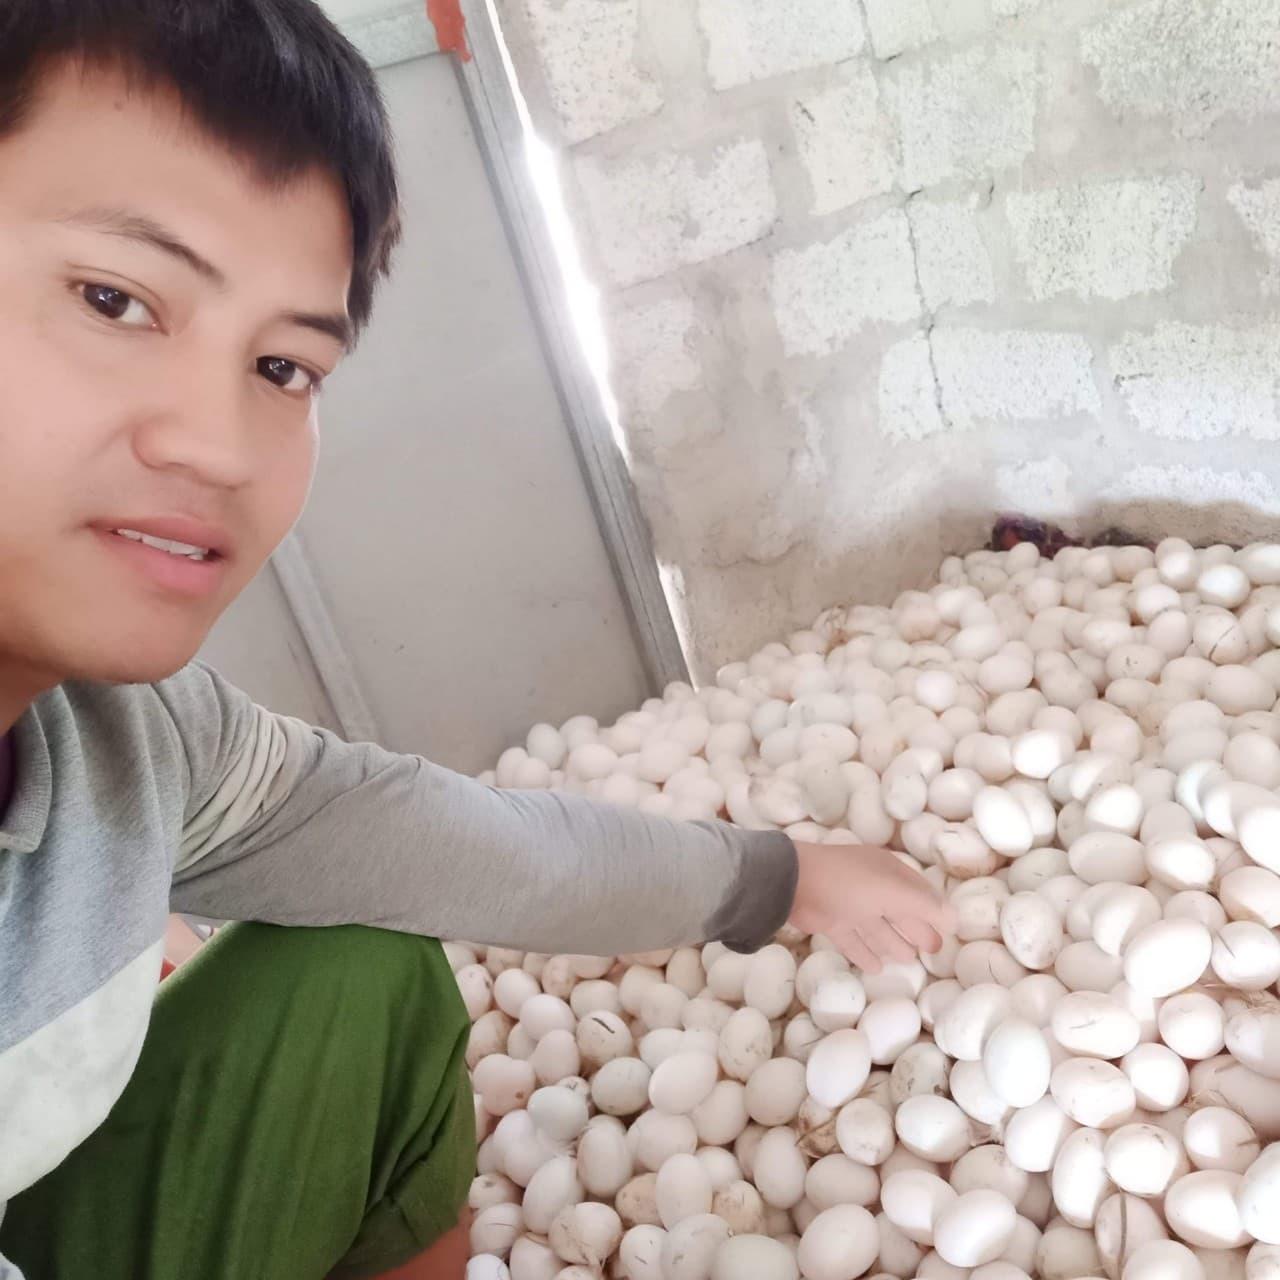 Chàng trai ủng hộ 1.000 quả trứng vịt cho khu cách ly